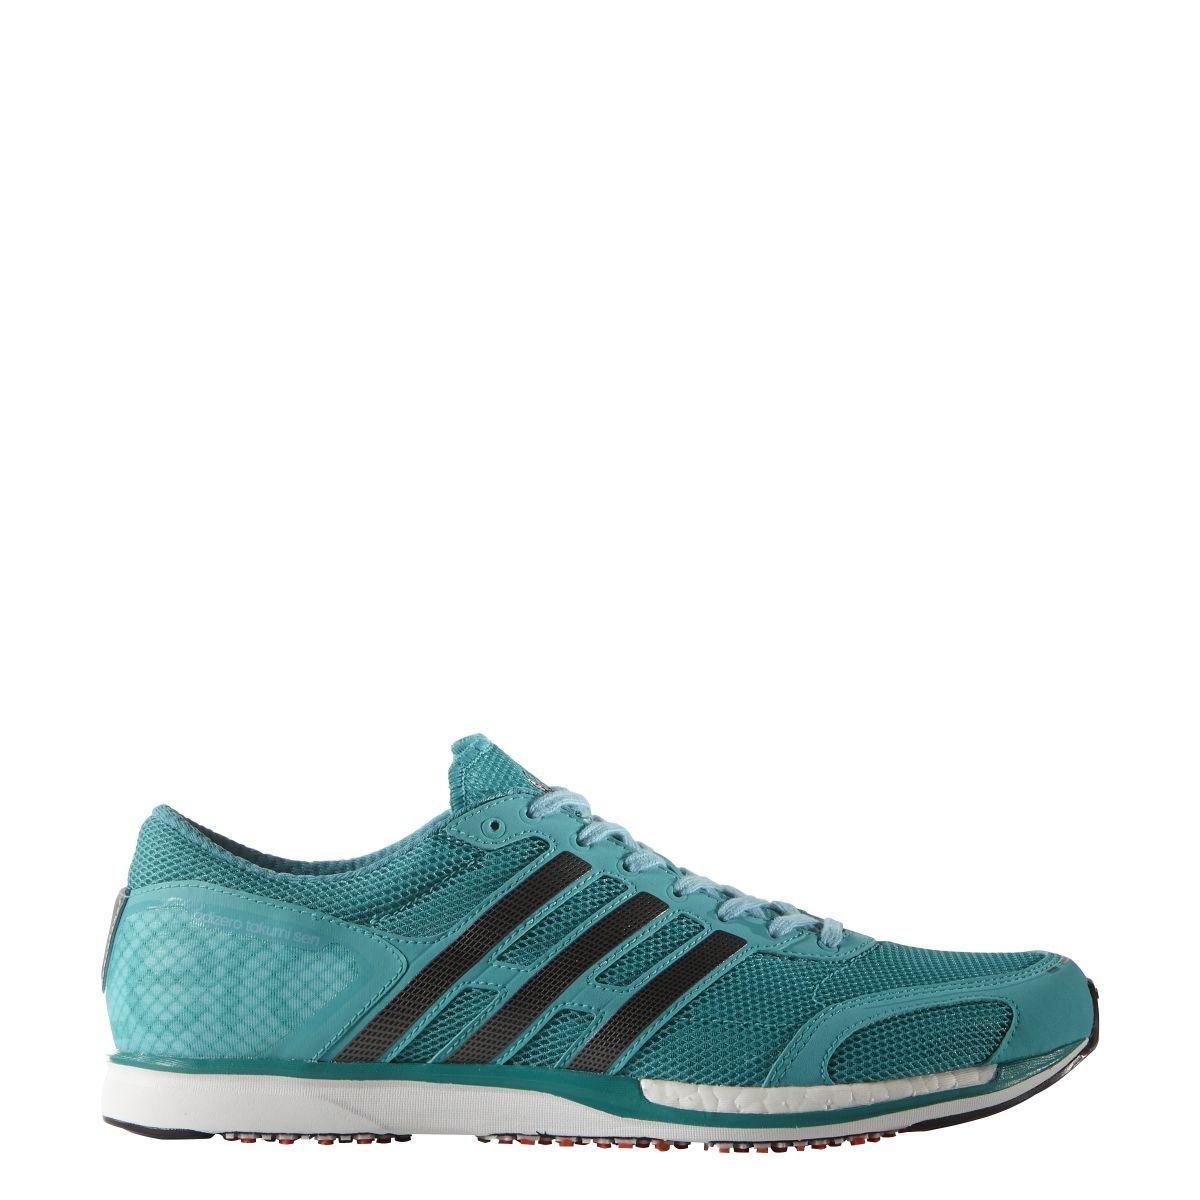 Adidas adizero takumi sen 3 blu in scarpe da ginnastica af4019 uomini 7